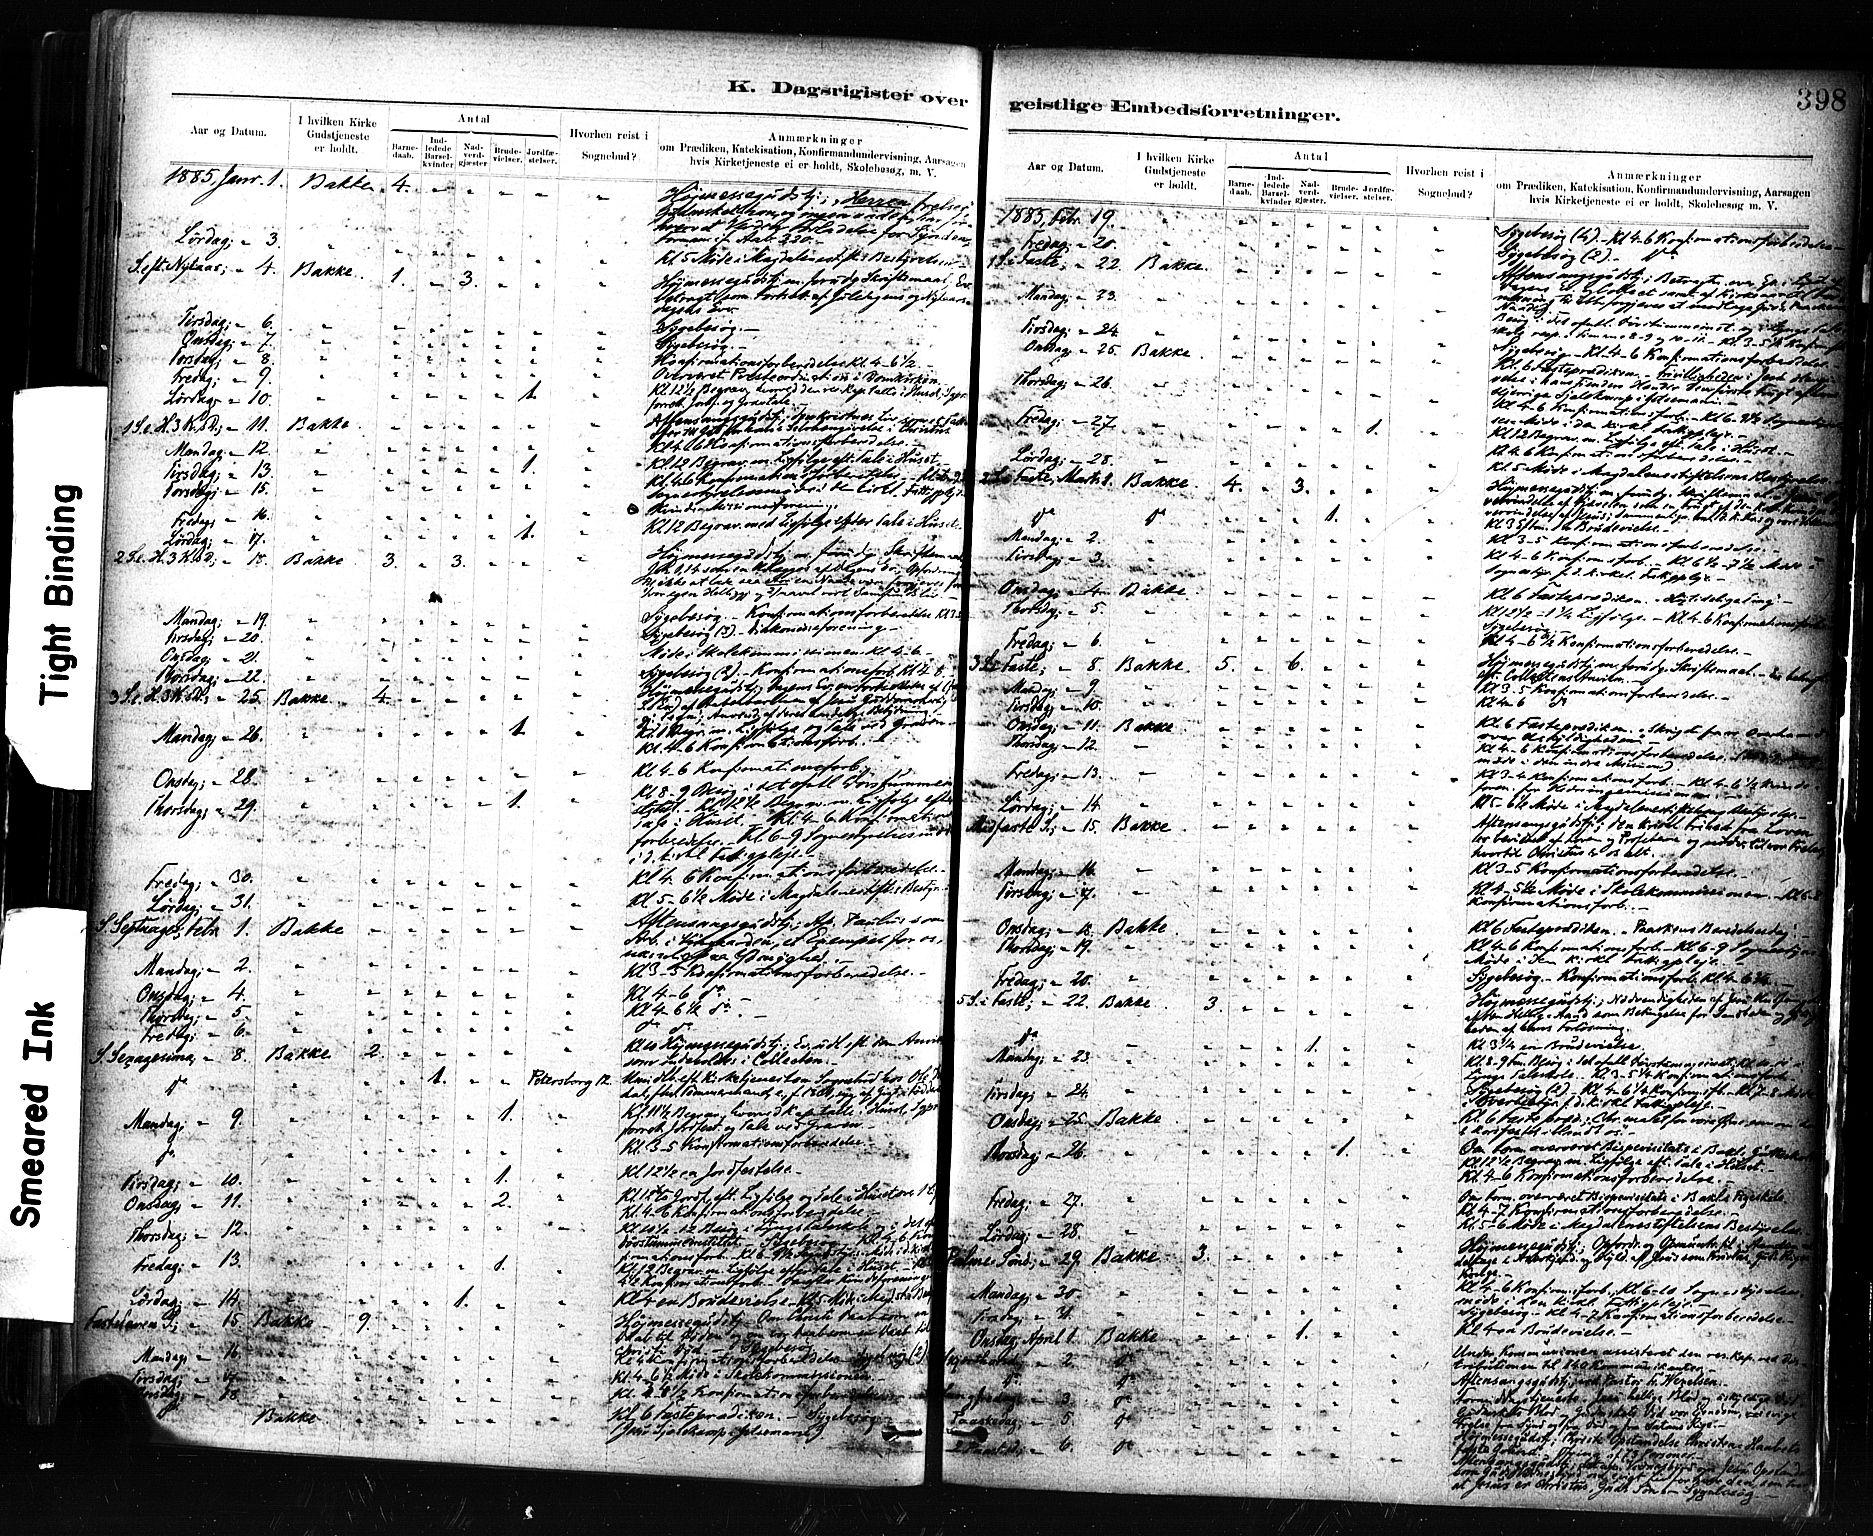 SAT, Ministerialprotokoller, klokkerbøker og fødselsregistre - Sør-Trøndelag, 604/L0189: Ministerialbok nr. 604A10, 1878-1892, s. 398